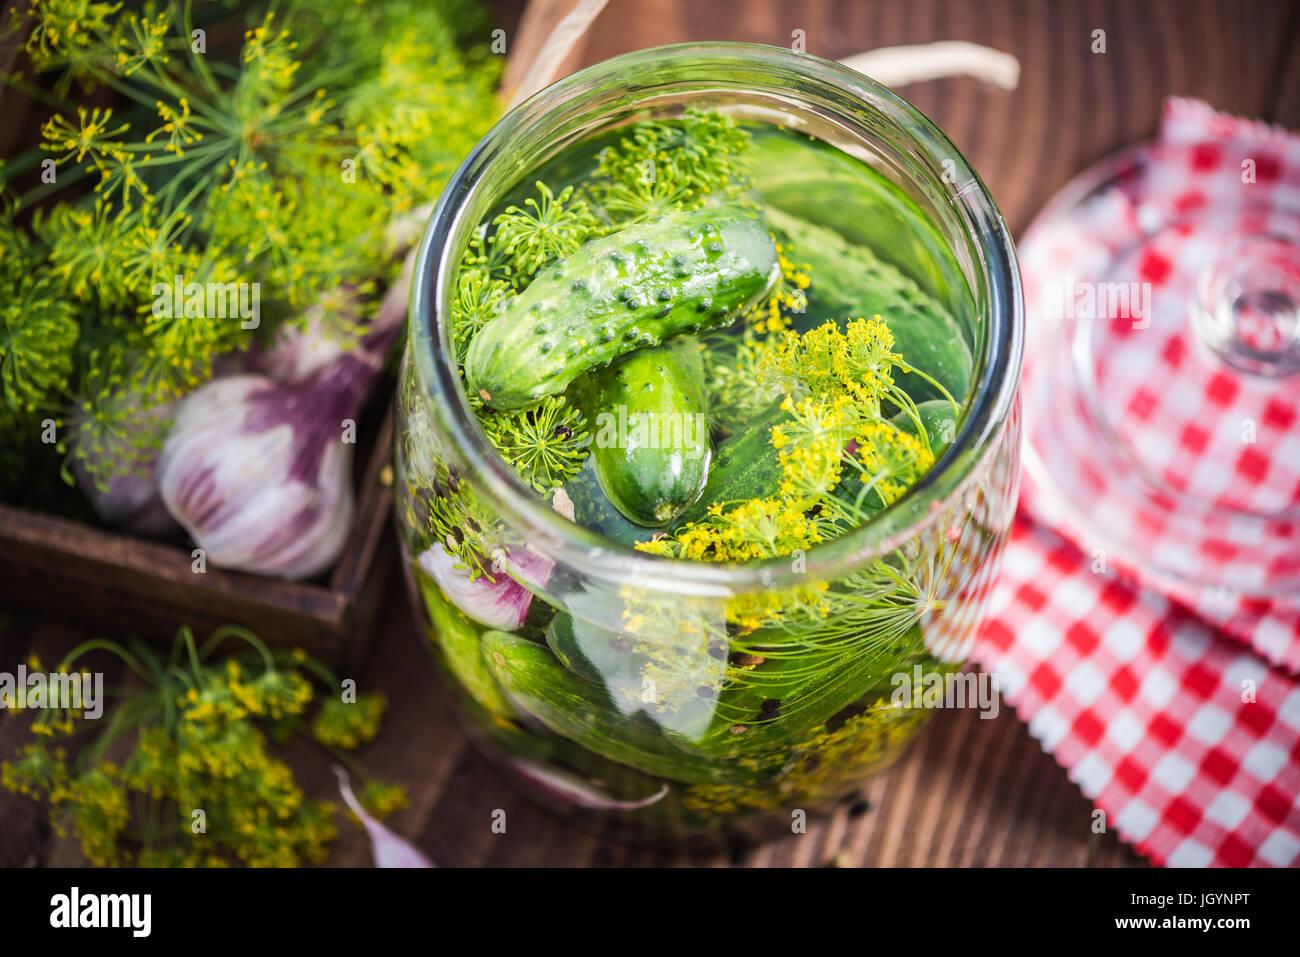 Organiques traditionnelles et des concombres cornichons au salé dans un bocal en verre Photo Stock